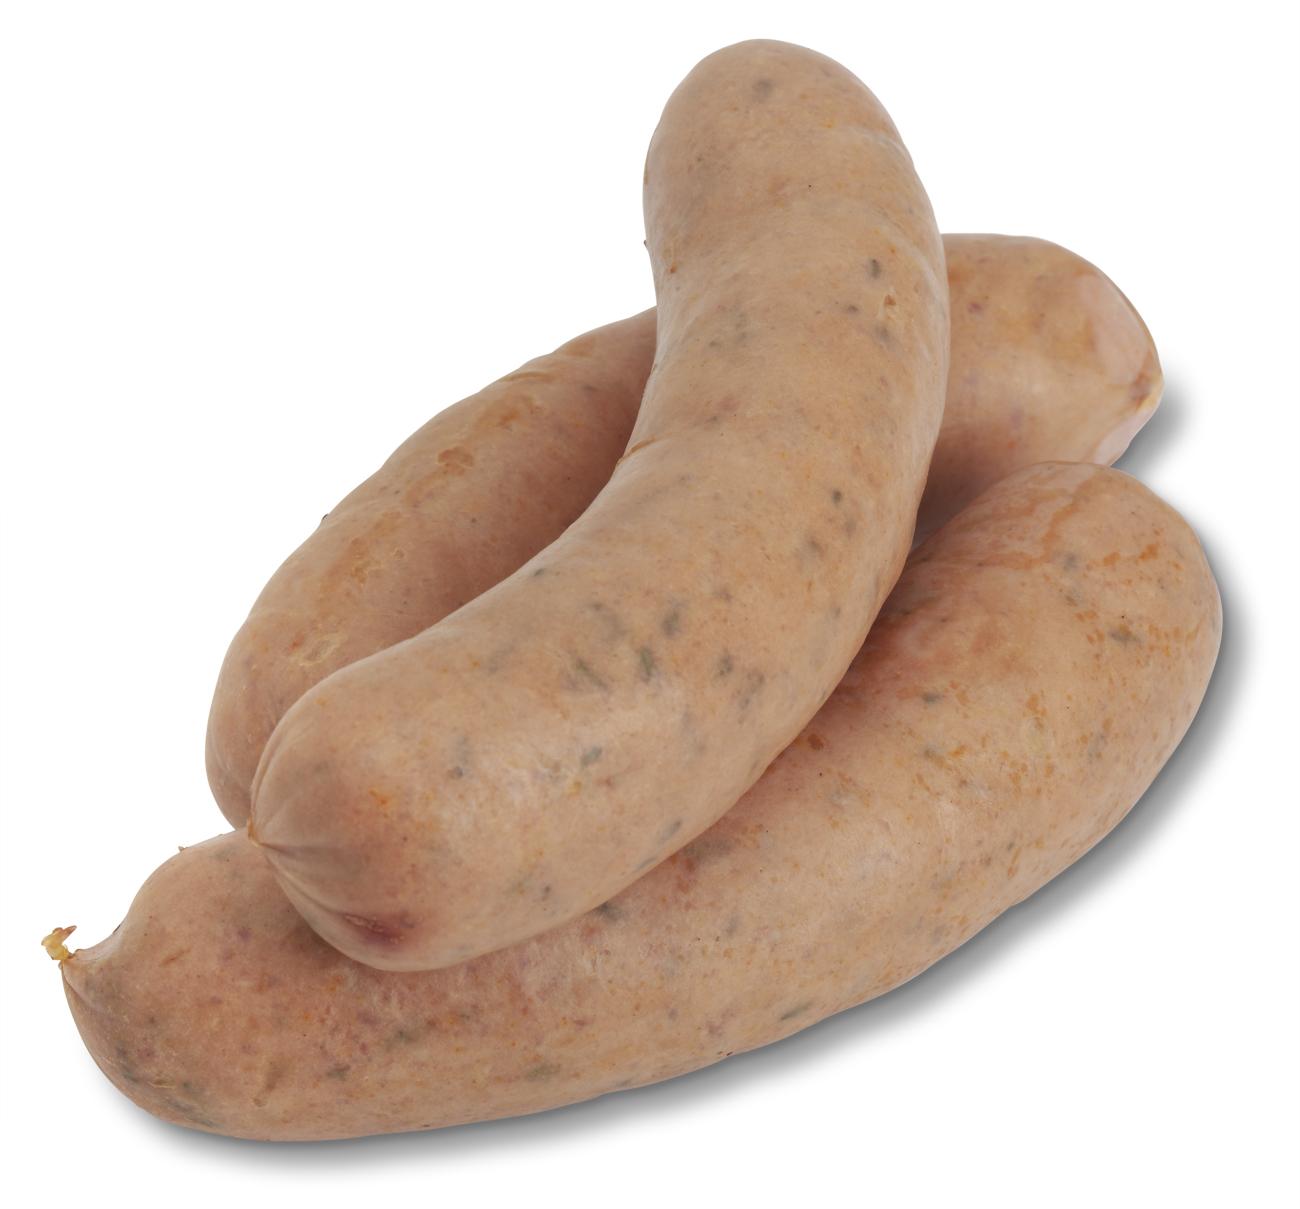 Örtagårdswurst